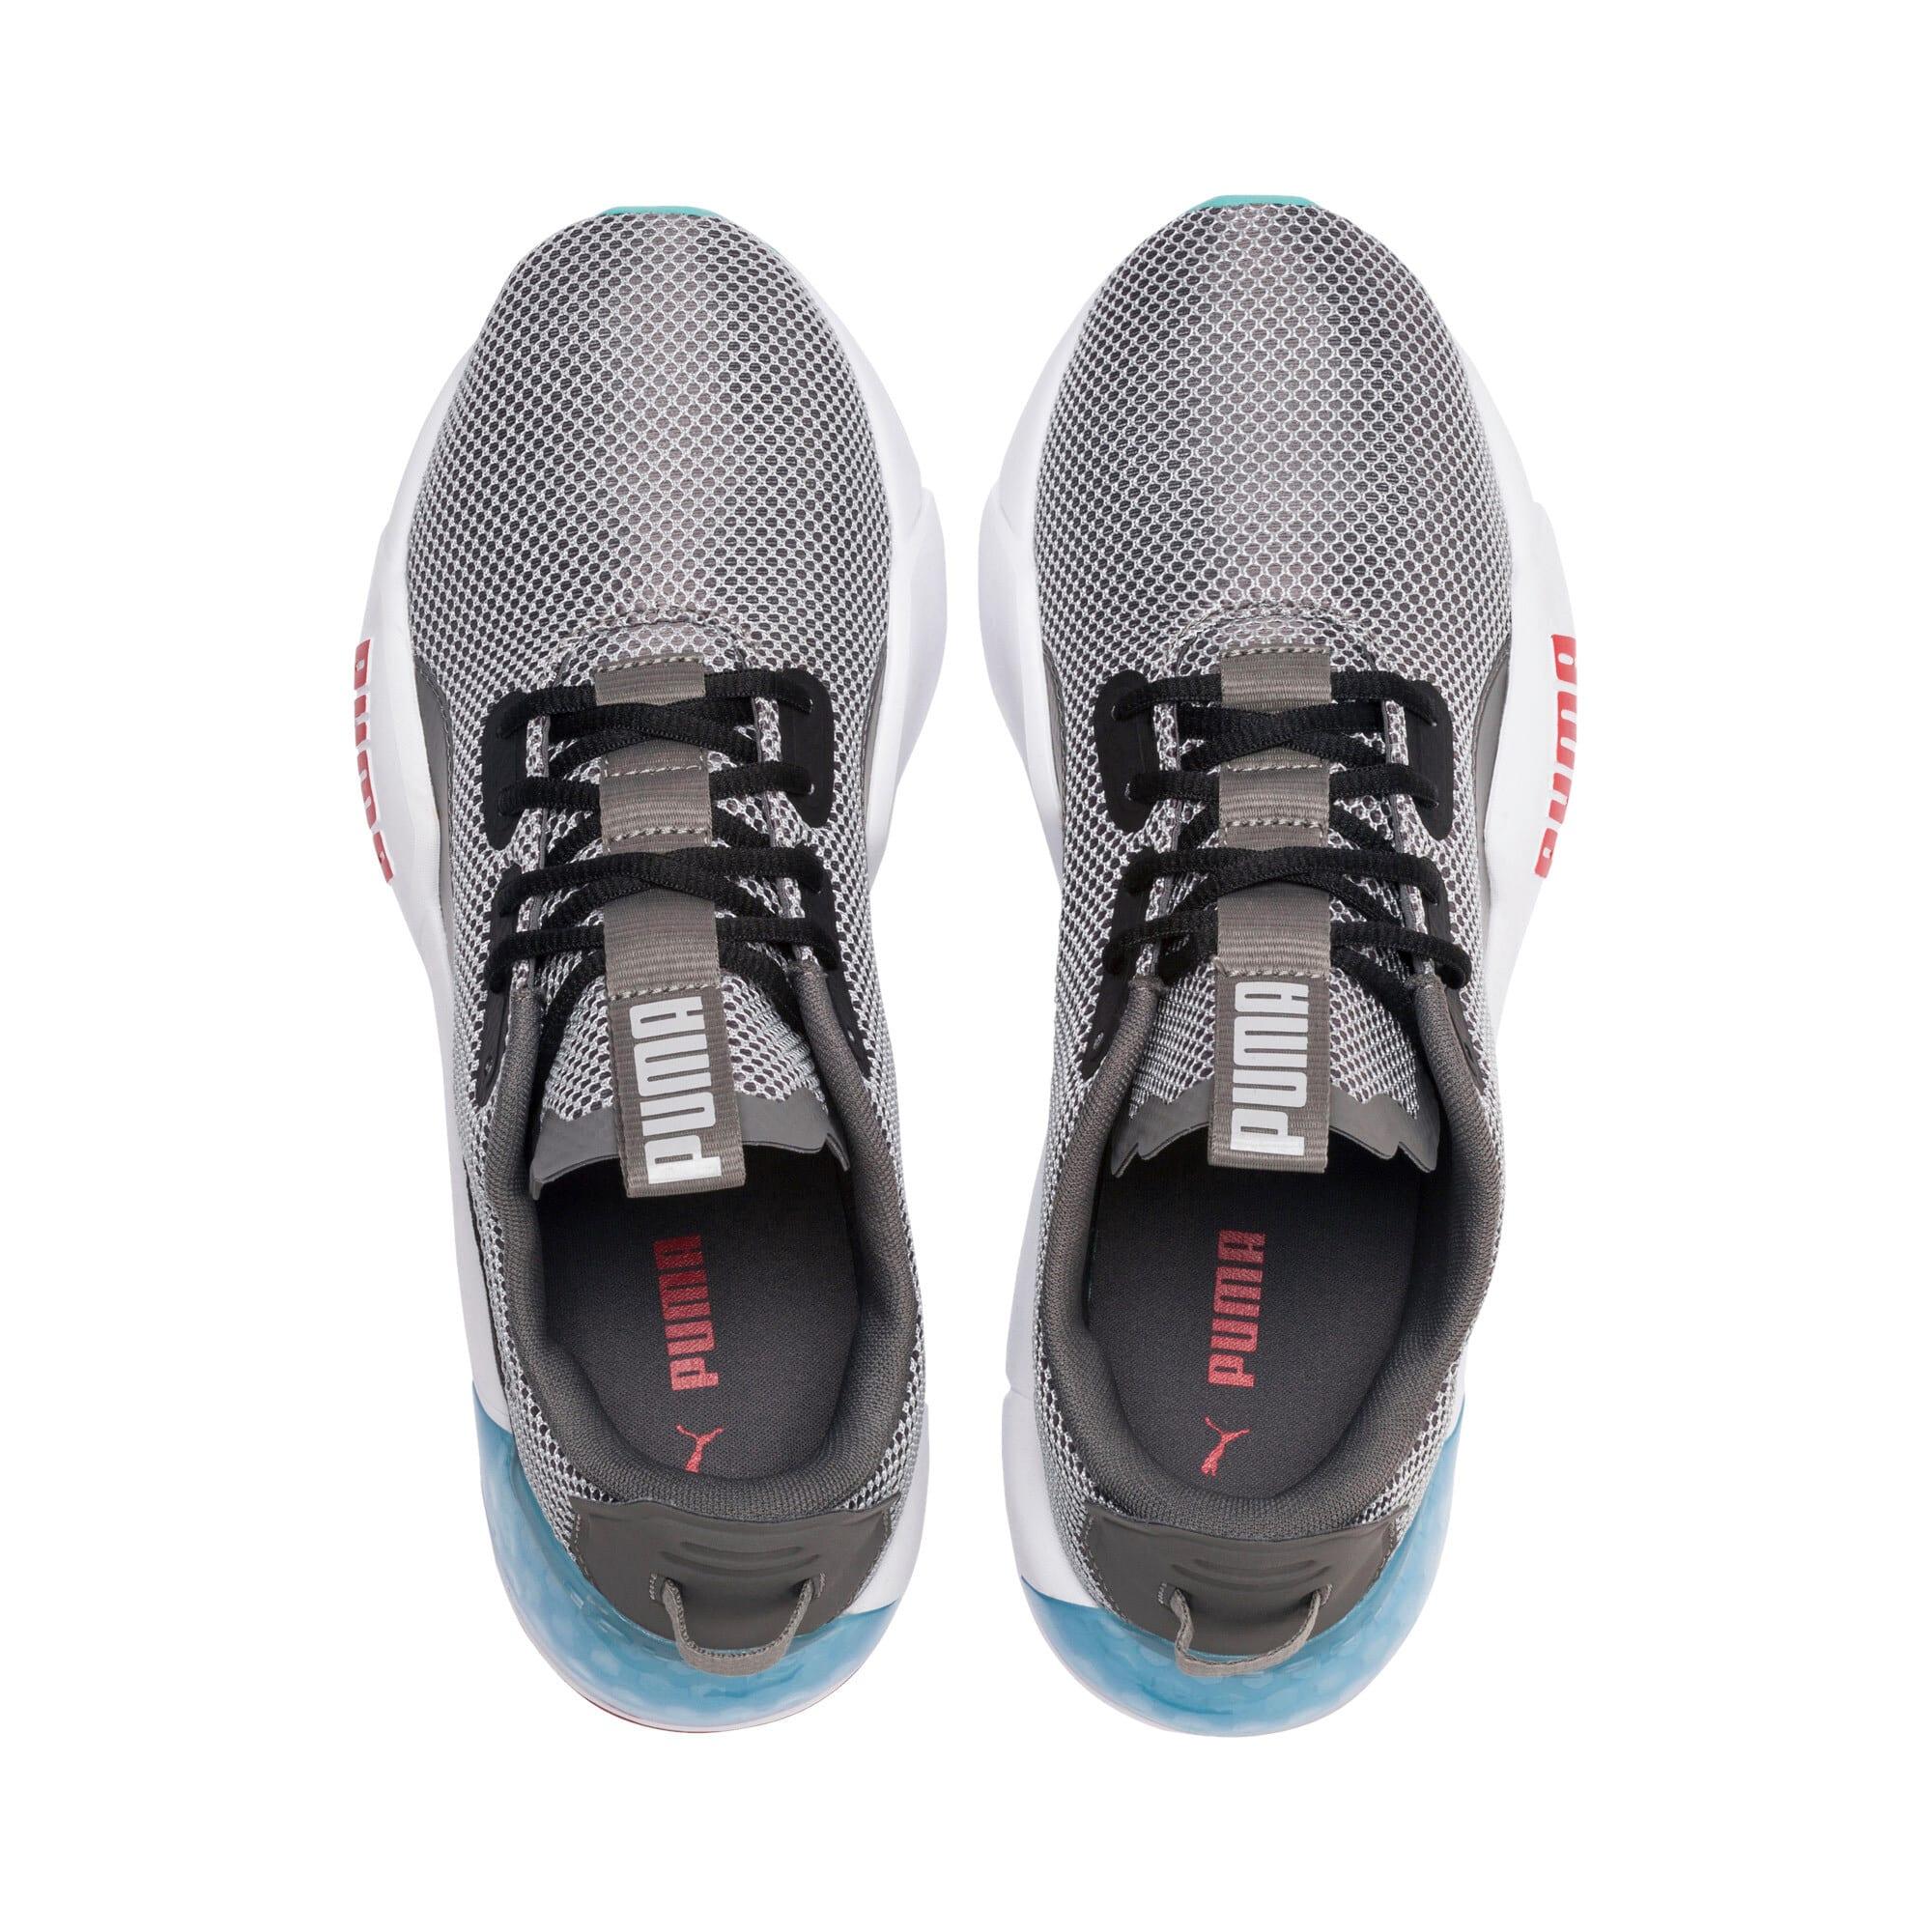 Thumbnail 7 of CELL Phase Men's Training Shoes, CASTLEROCK-White-HighRiskRed, medium